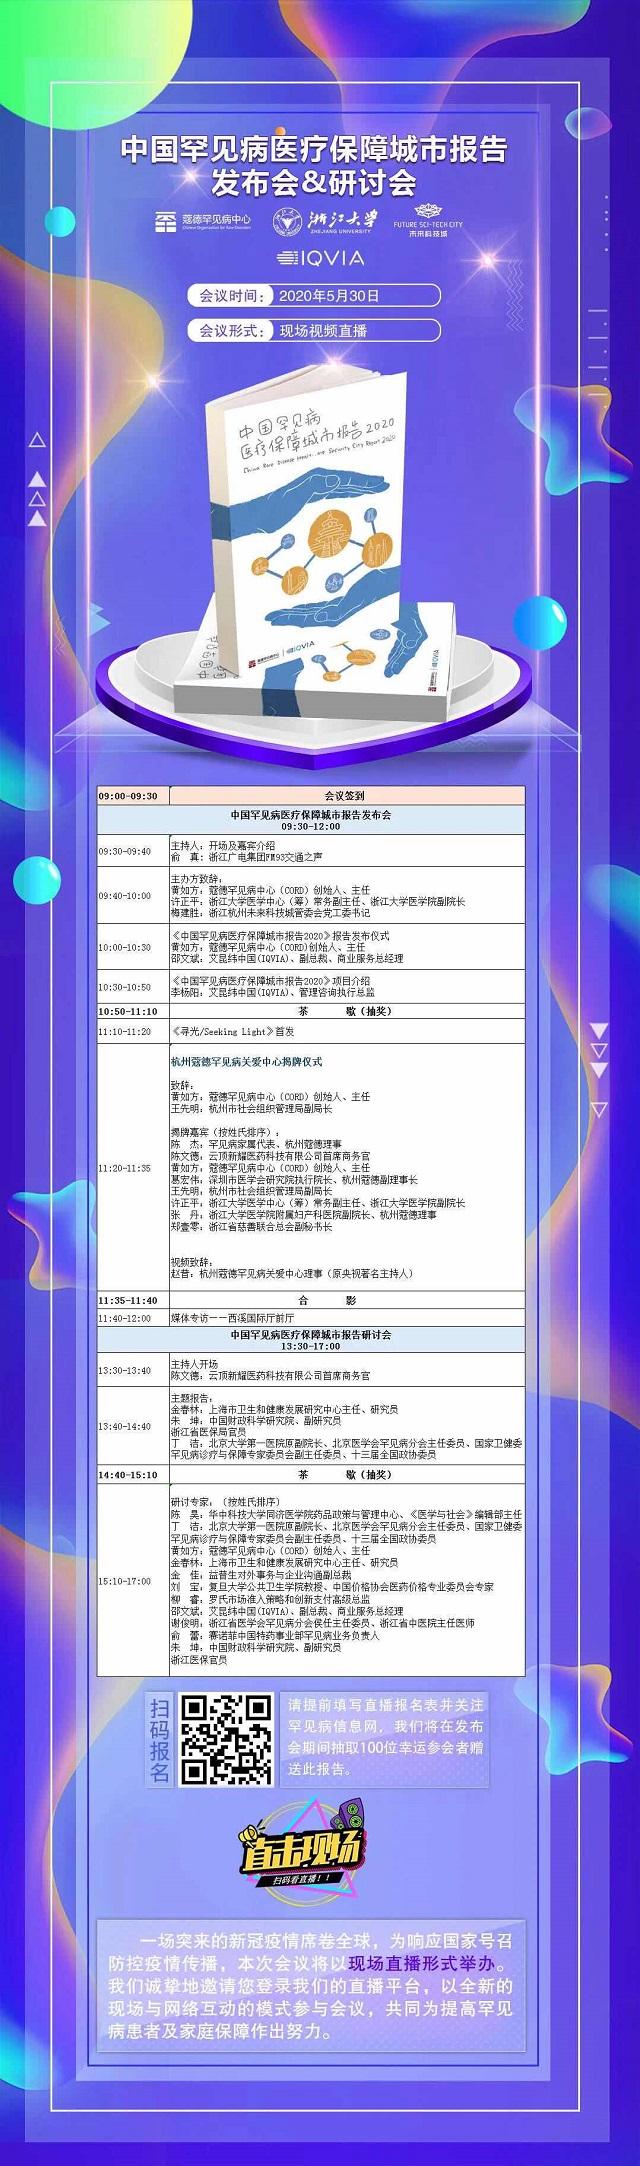 微信图片_20200524211355.jpg